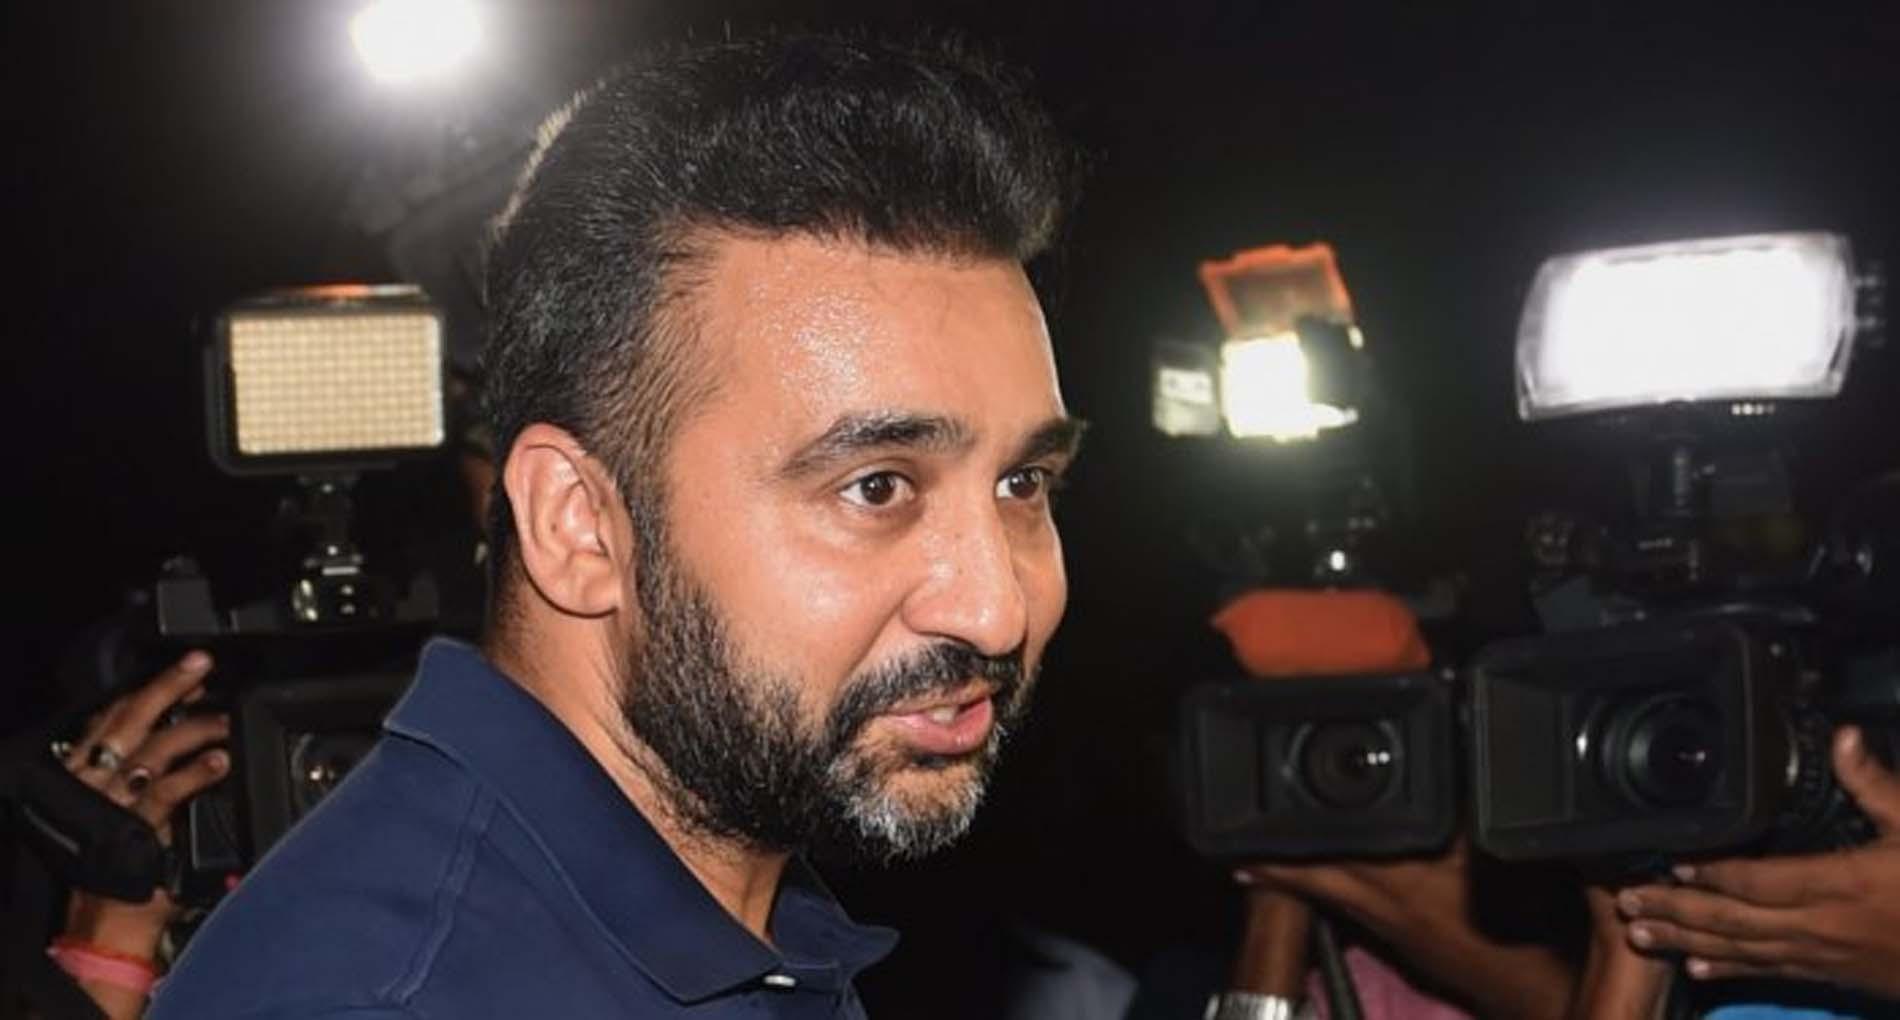 Raj Kundra Case: मॉडल ने दर्ज कराया राज कुंद्रा की कंपनी पर केस! गहना वशिष्ठ समेत 4 प्रोड्यूसर्स के खिलाफ FIR